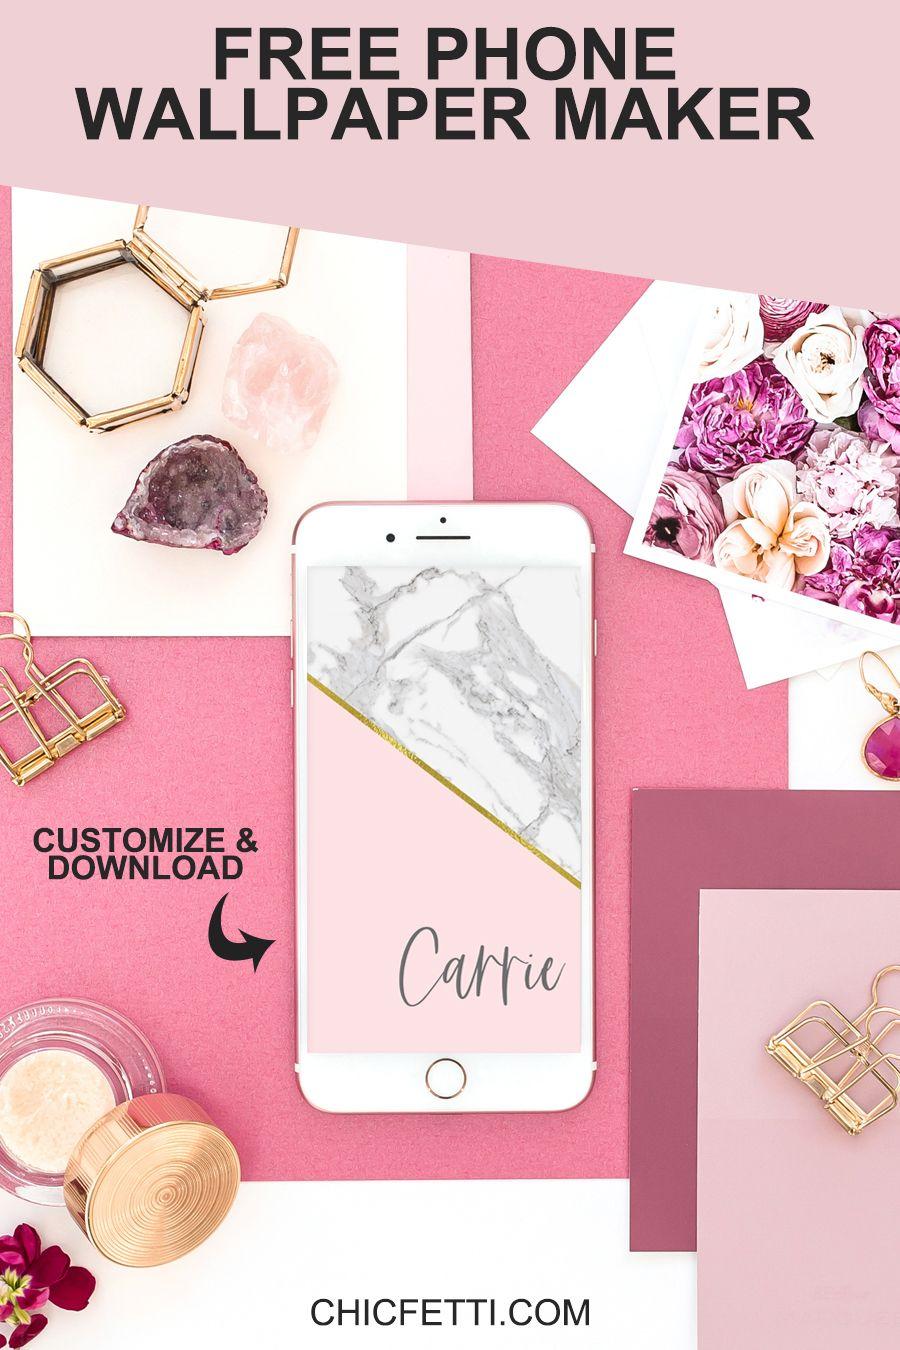 Phone Wallpaper Maker Wallpaper Maker Custom Phone Wallpaper Free Phone Wallpaper